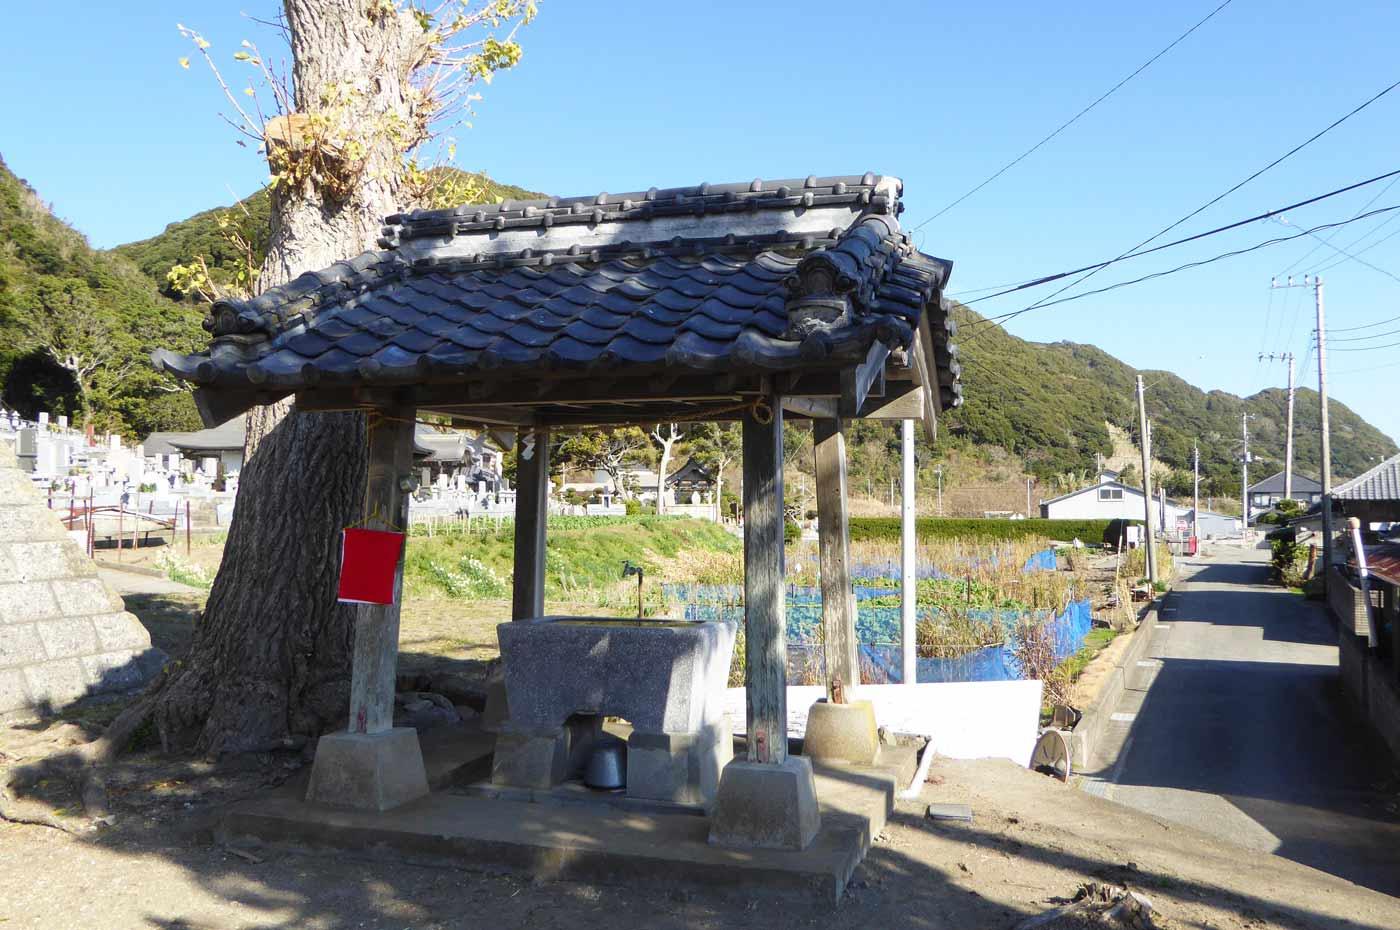 若宮八幡神社の手水舎の画像